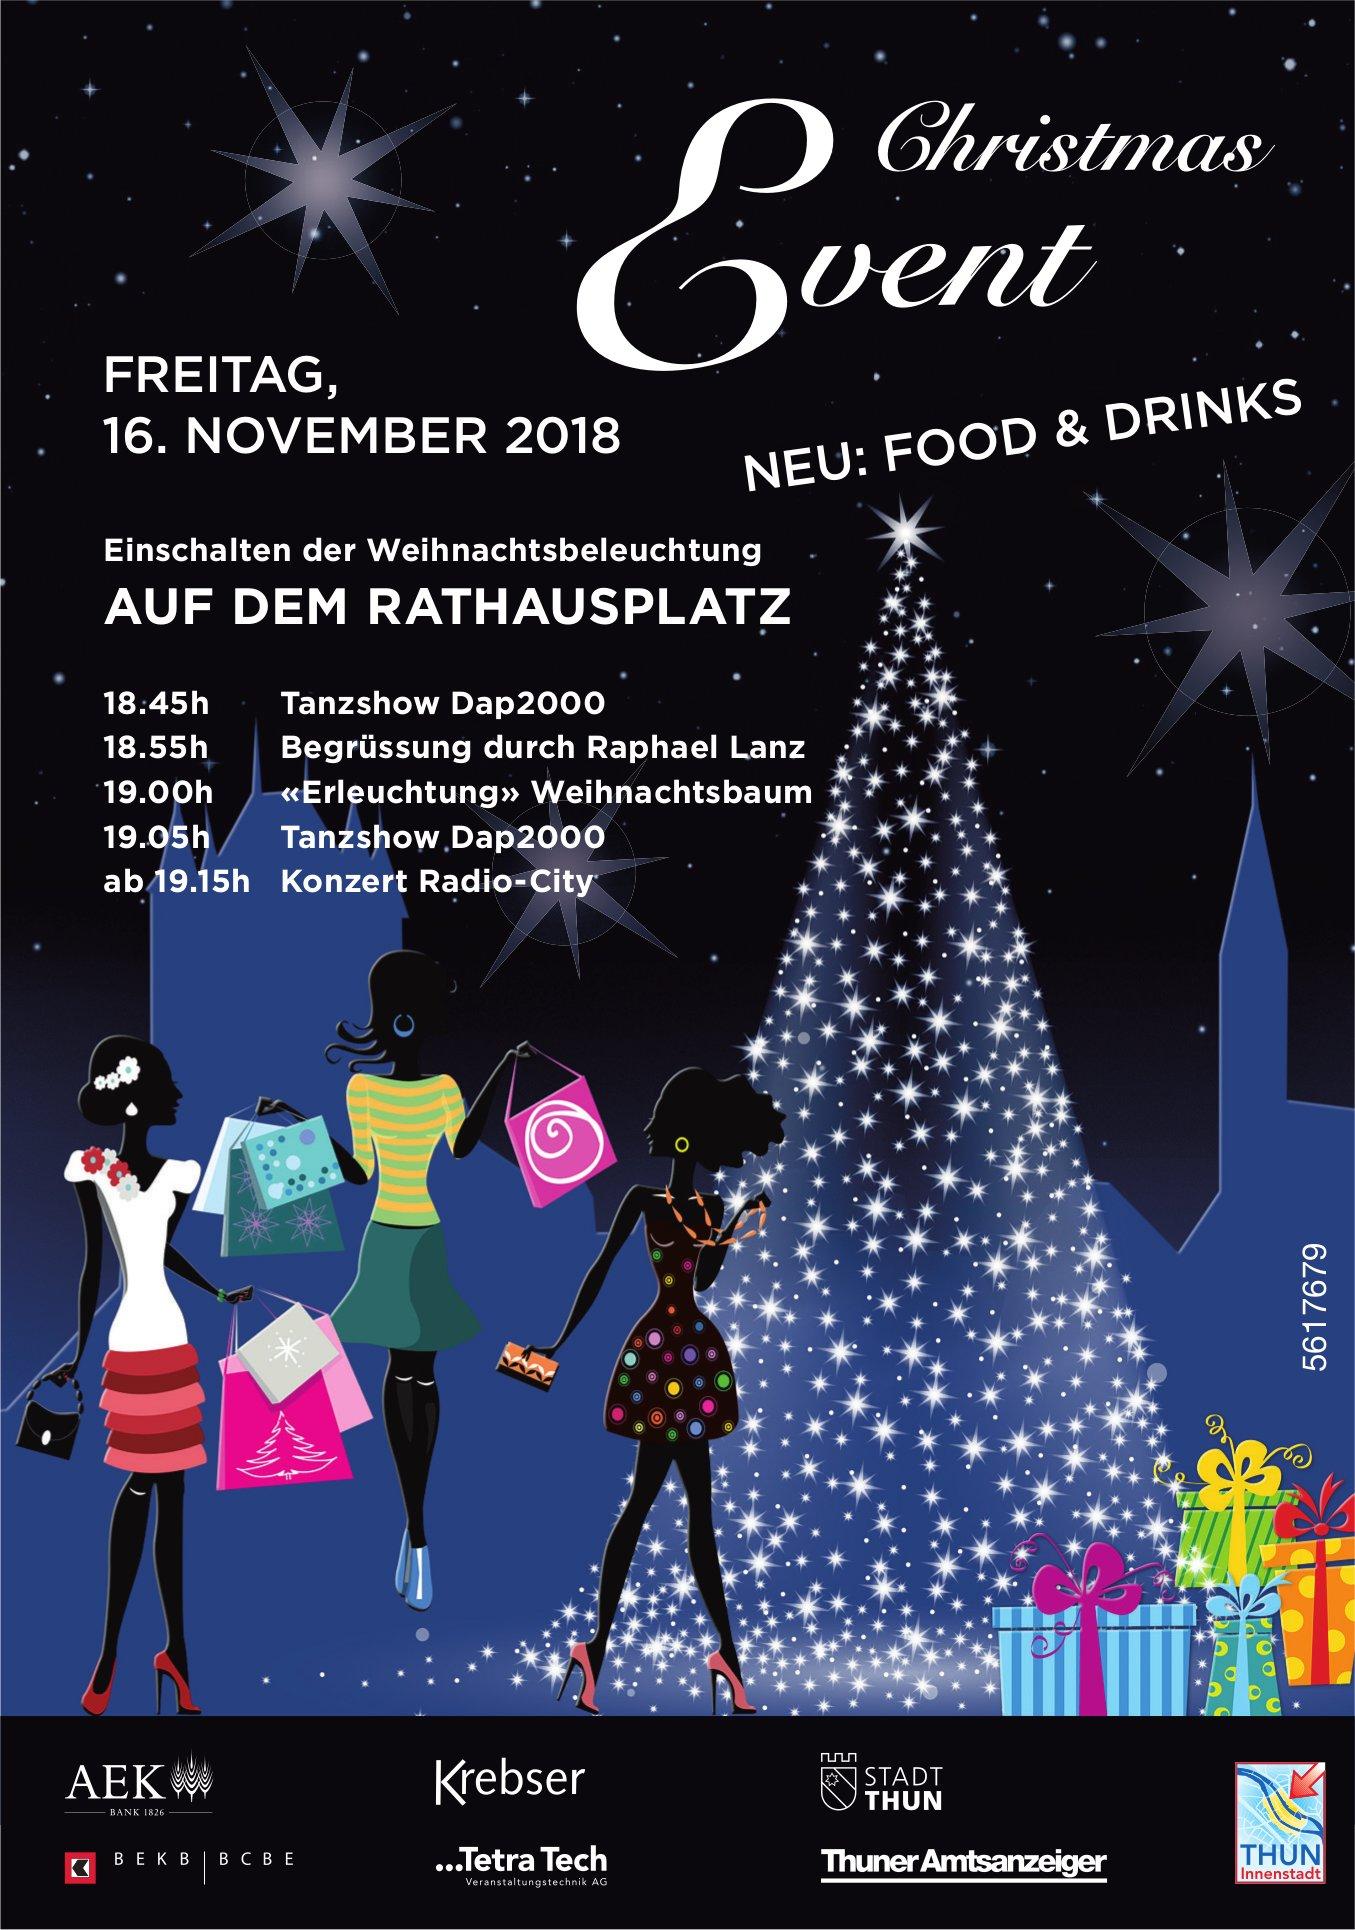 Christmas Event, 16. November, Einschalten der Weihnachtsbeleuchtung AUF DEM RATHAUSPLATZ